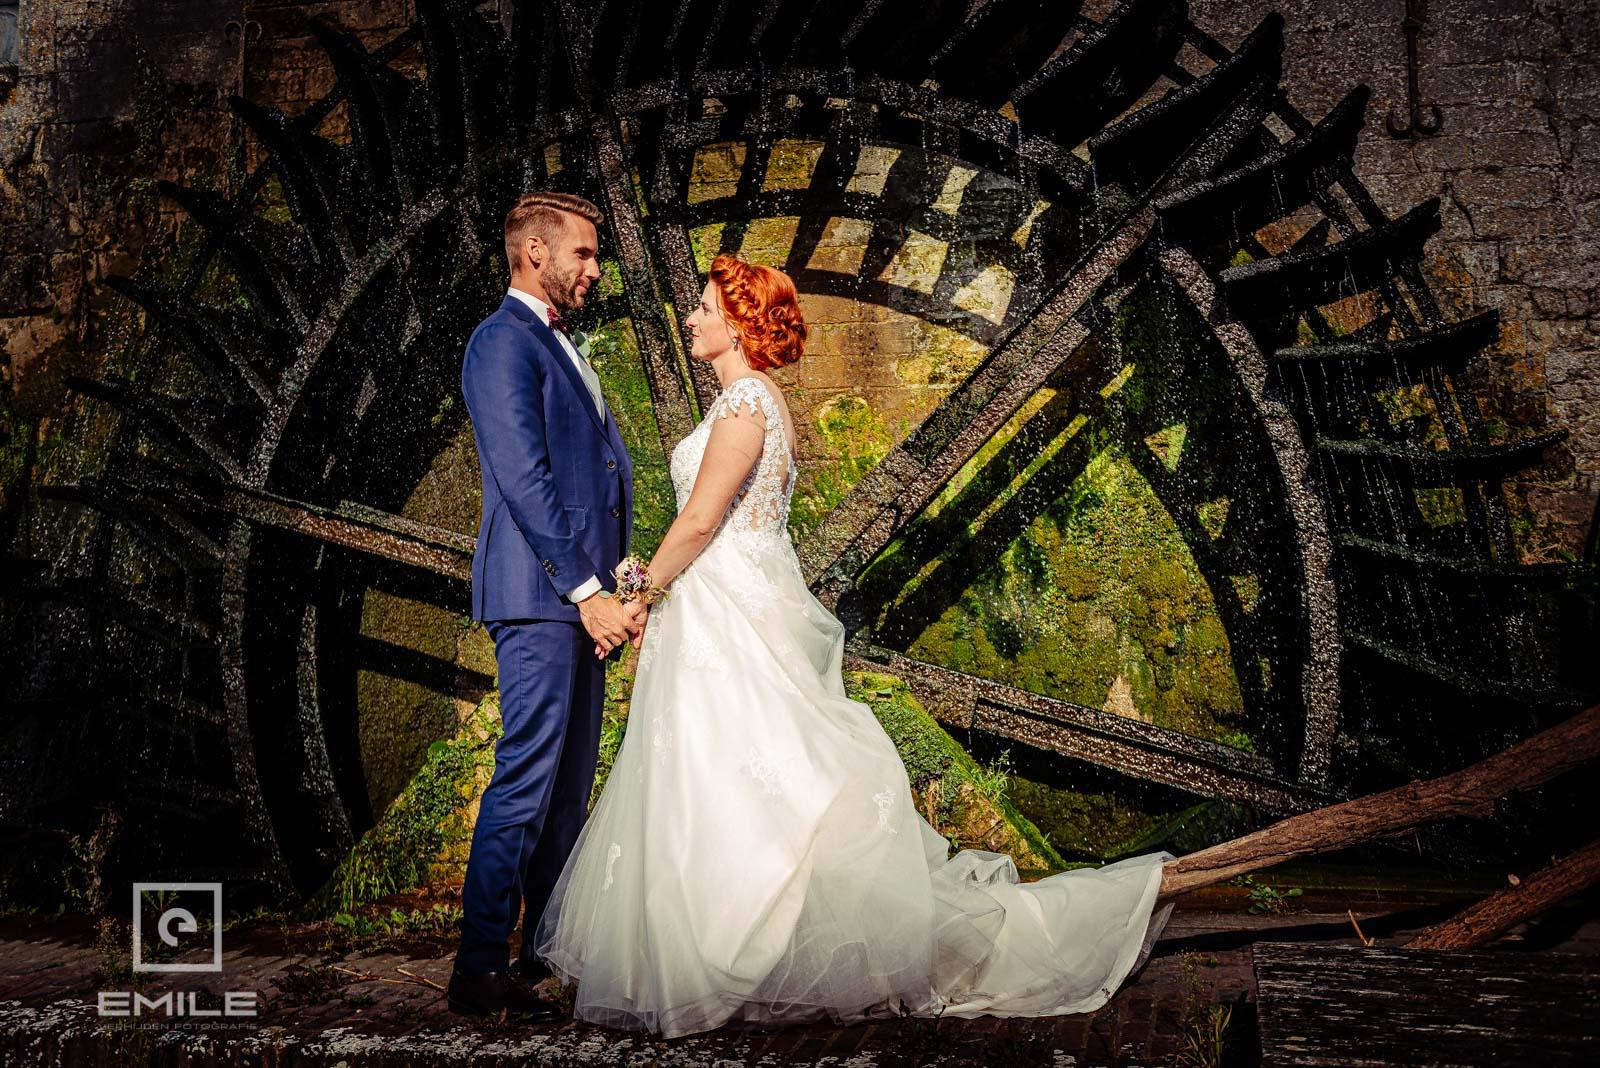 Bruidspaar bij het prachtige waterrad van Wylre